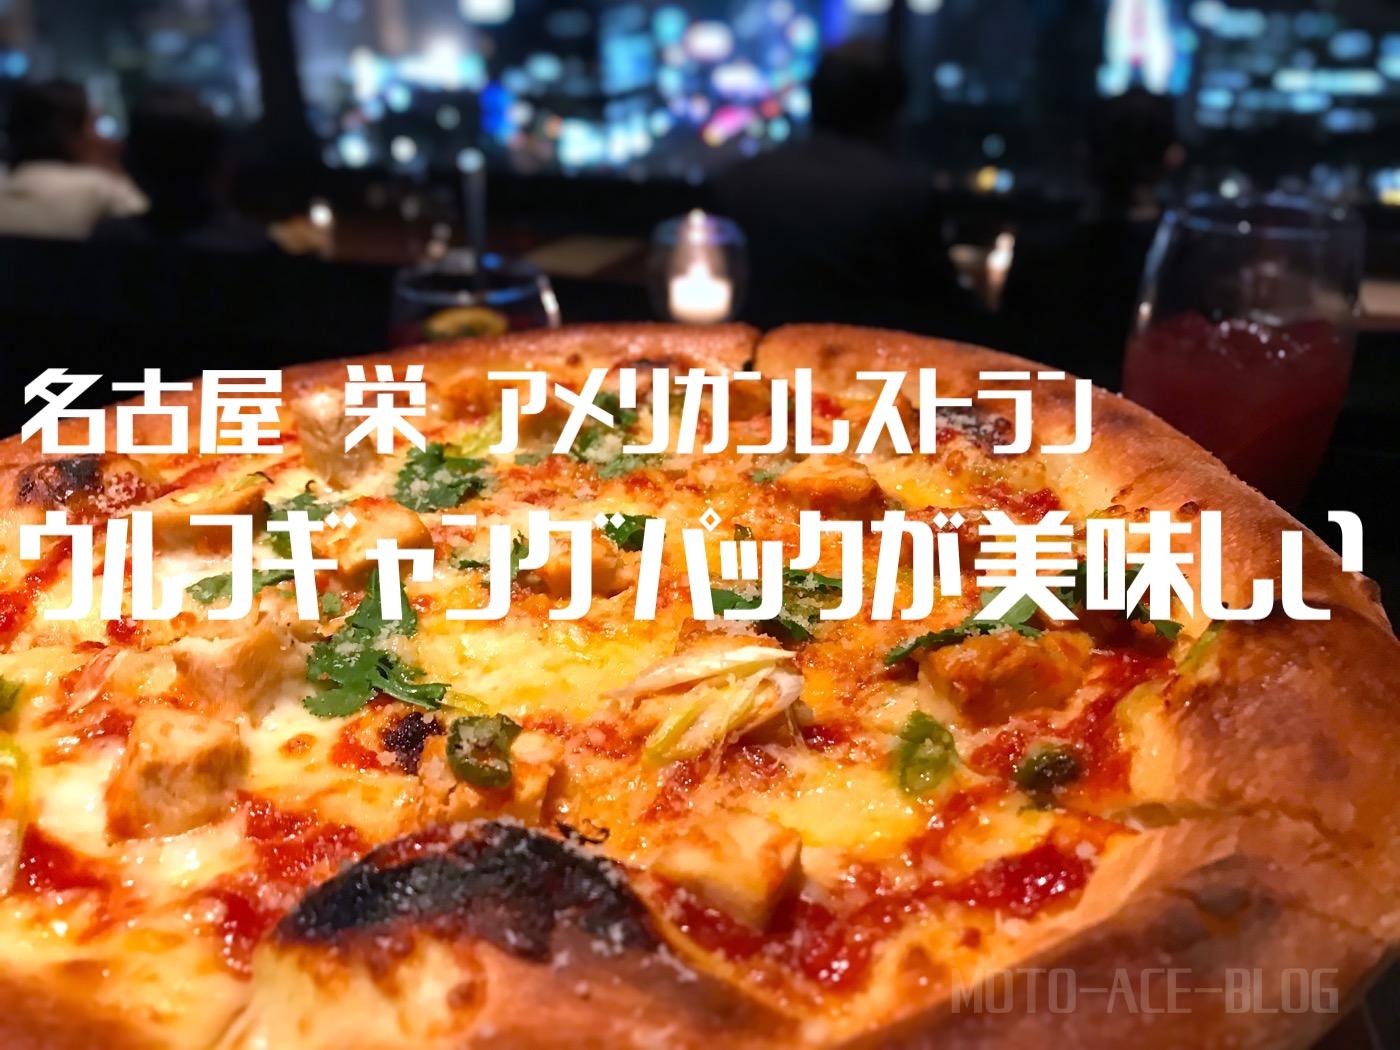 【名古屋 栄】本格アメリカンレストラン